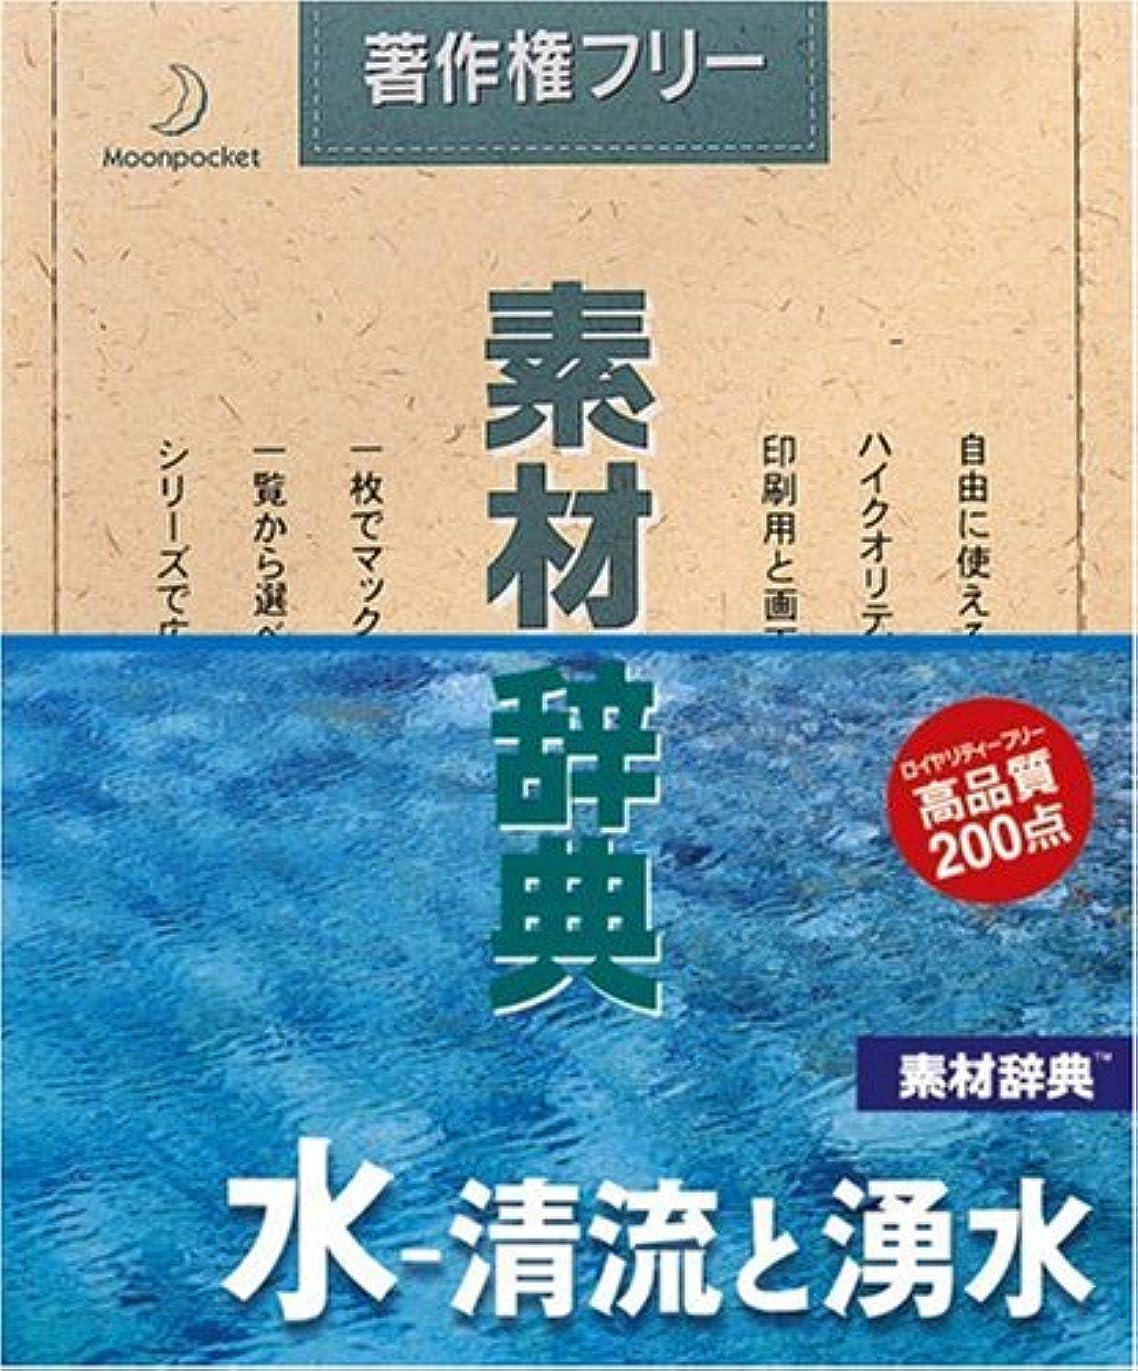 流すレビュアー排気素材辞典 Vol.139 水~清流と湧水編